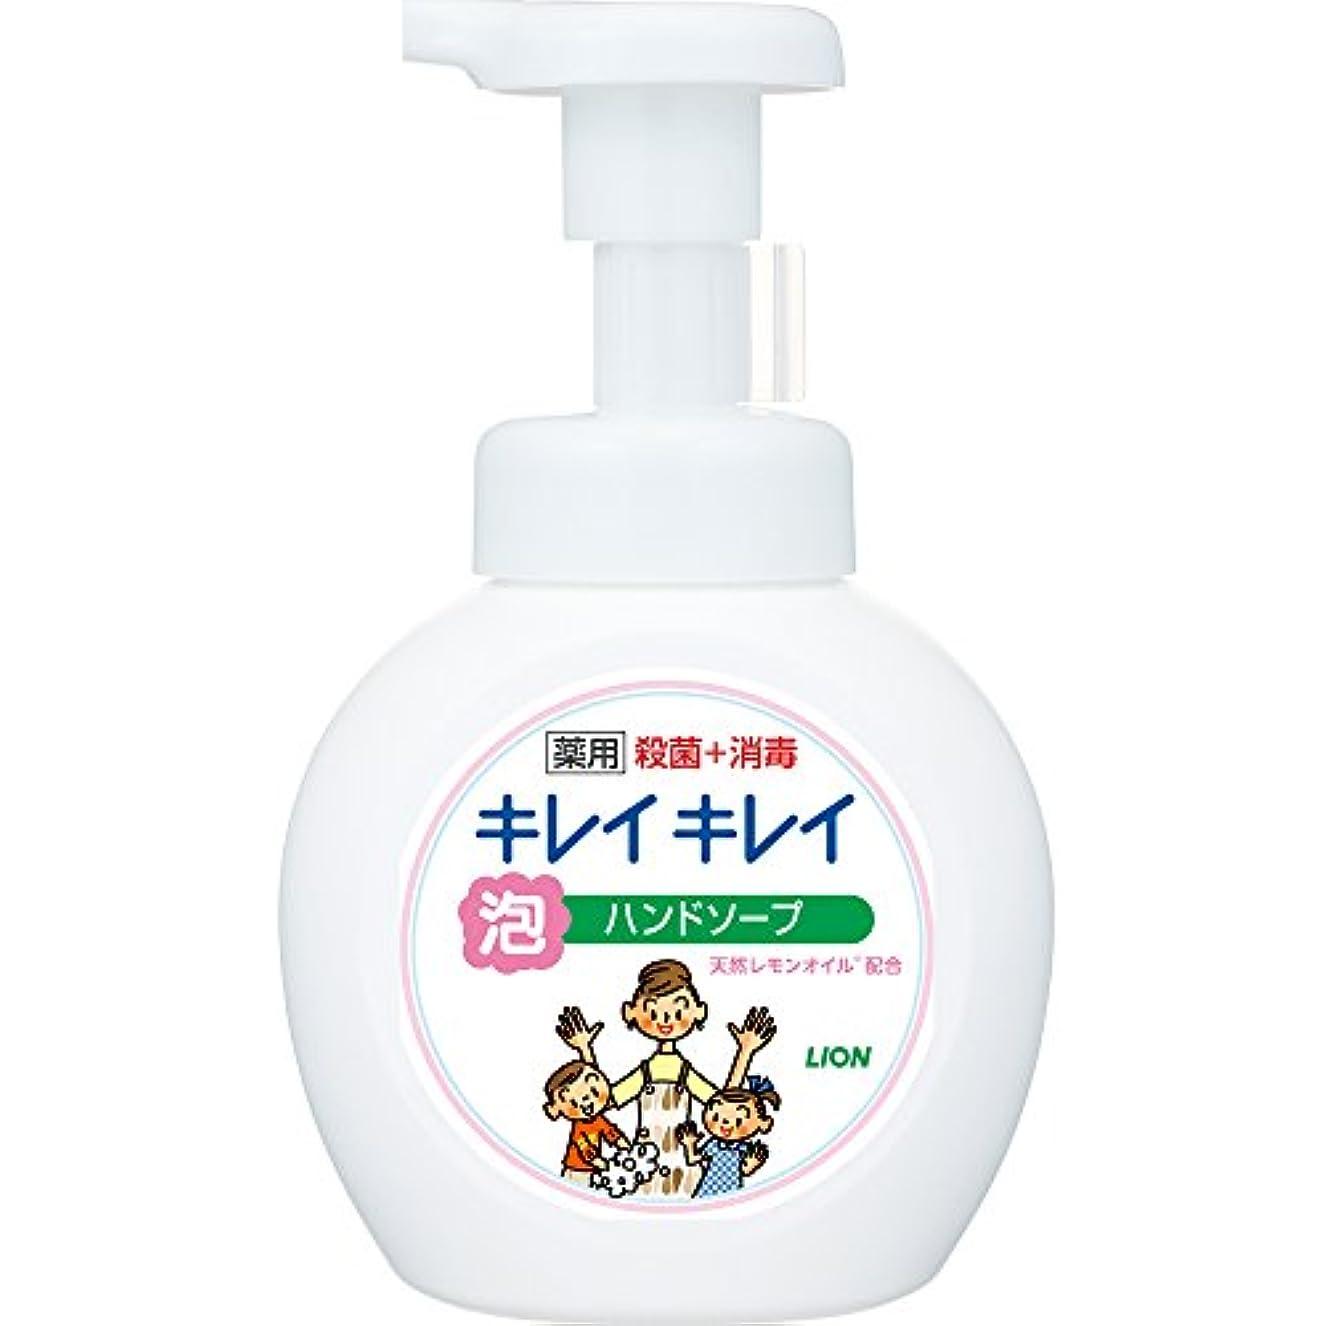 申込みストリーム心理学キレイキレイ 薬用 泡ハンドソープ シトラスフルーティの香り 本体ポンプ 250ml(医薬部外品)